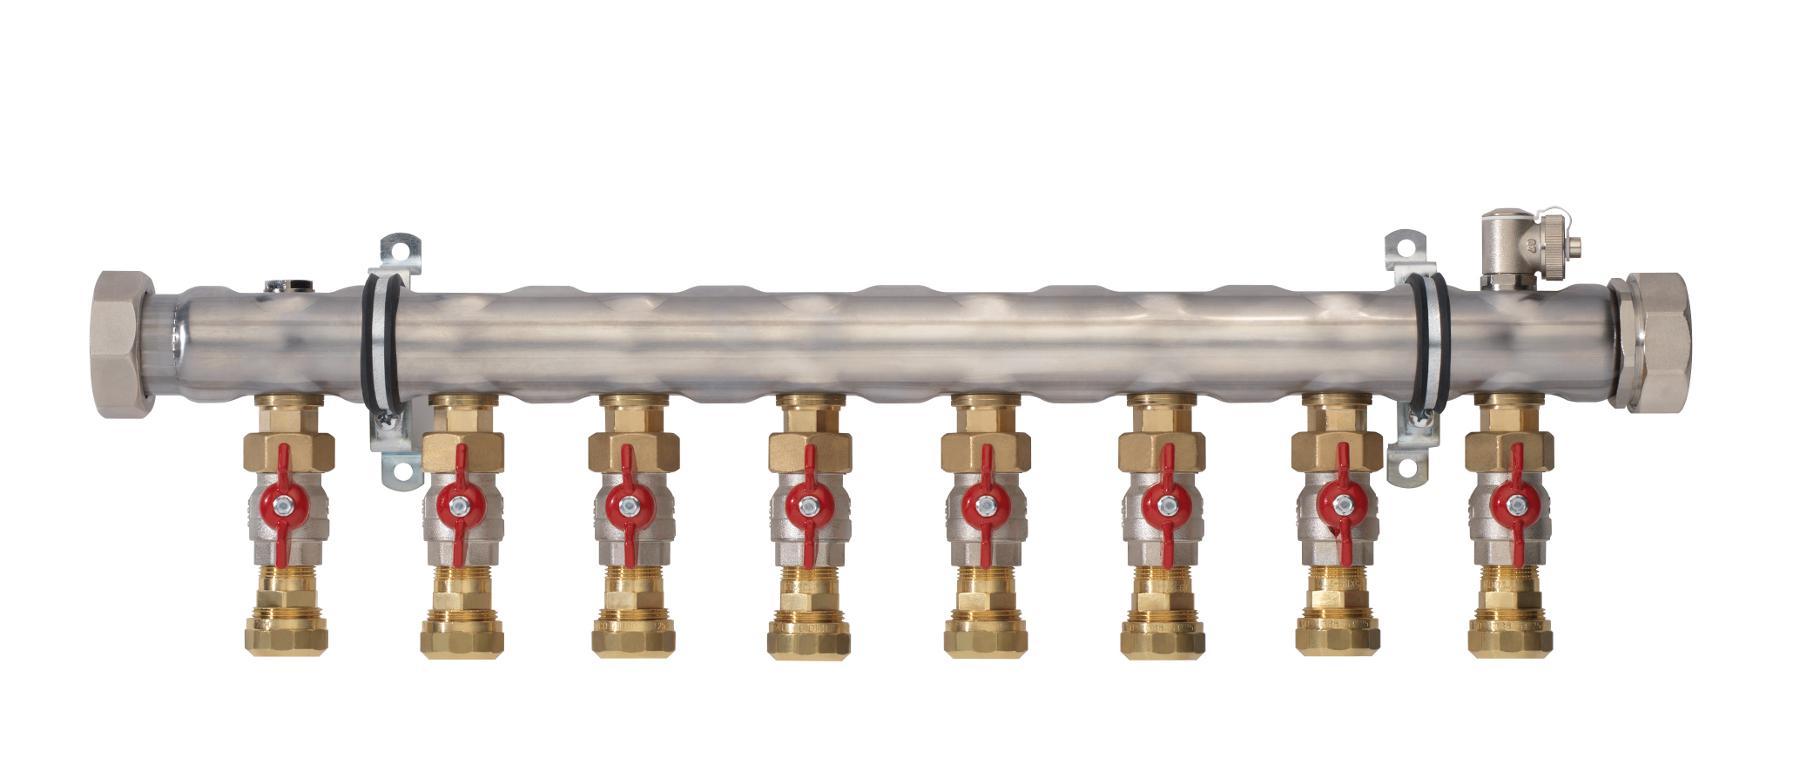 Промышленный коллектор с регулирующими вентилями на 7 контуров